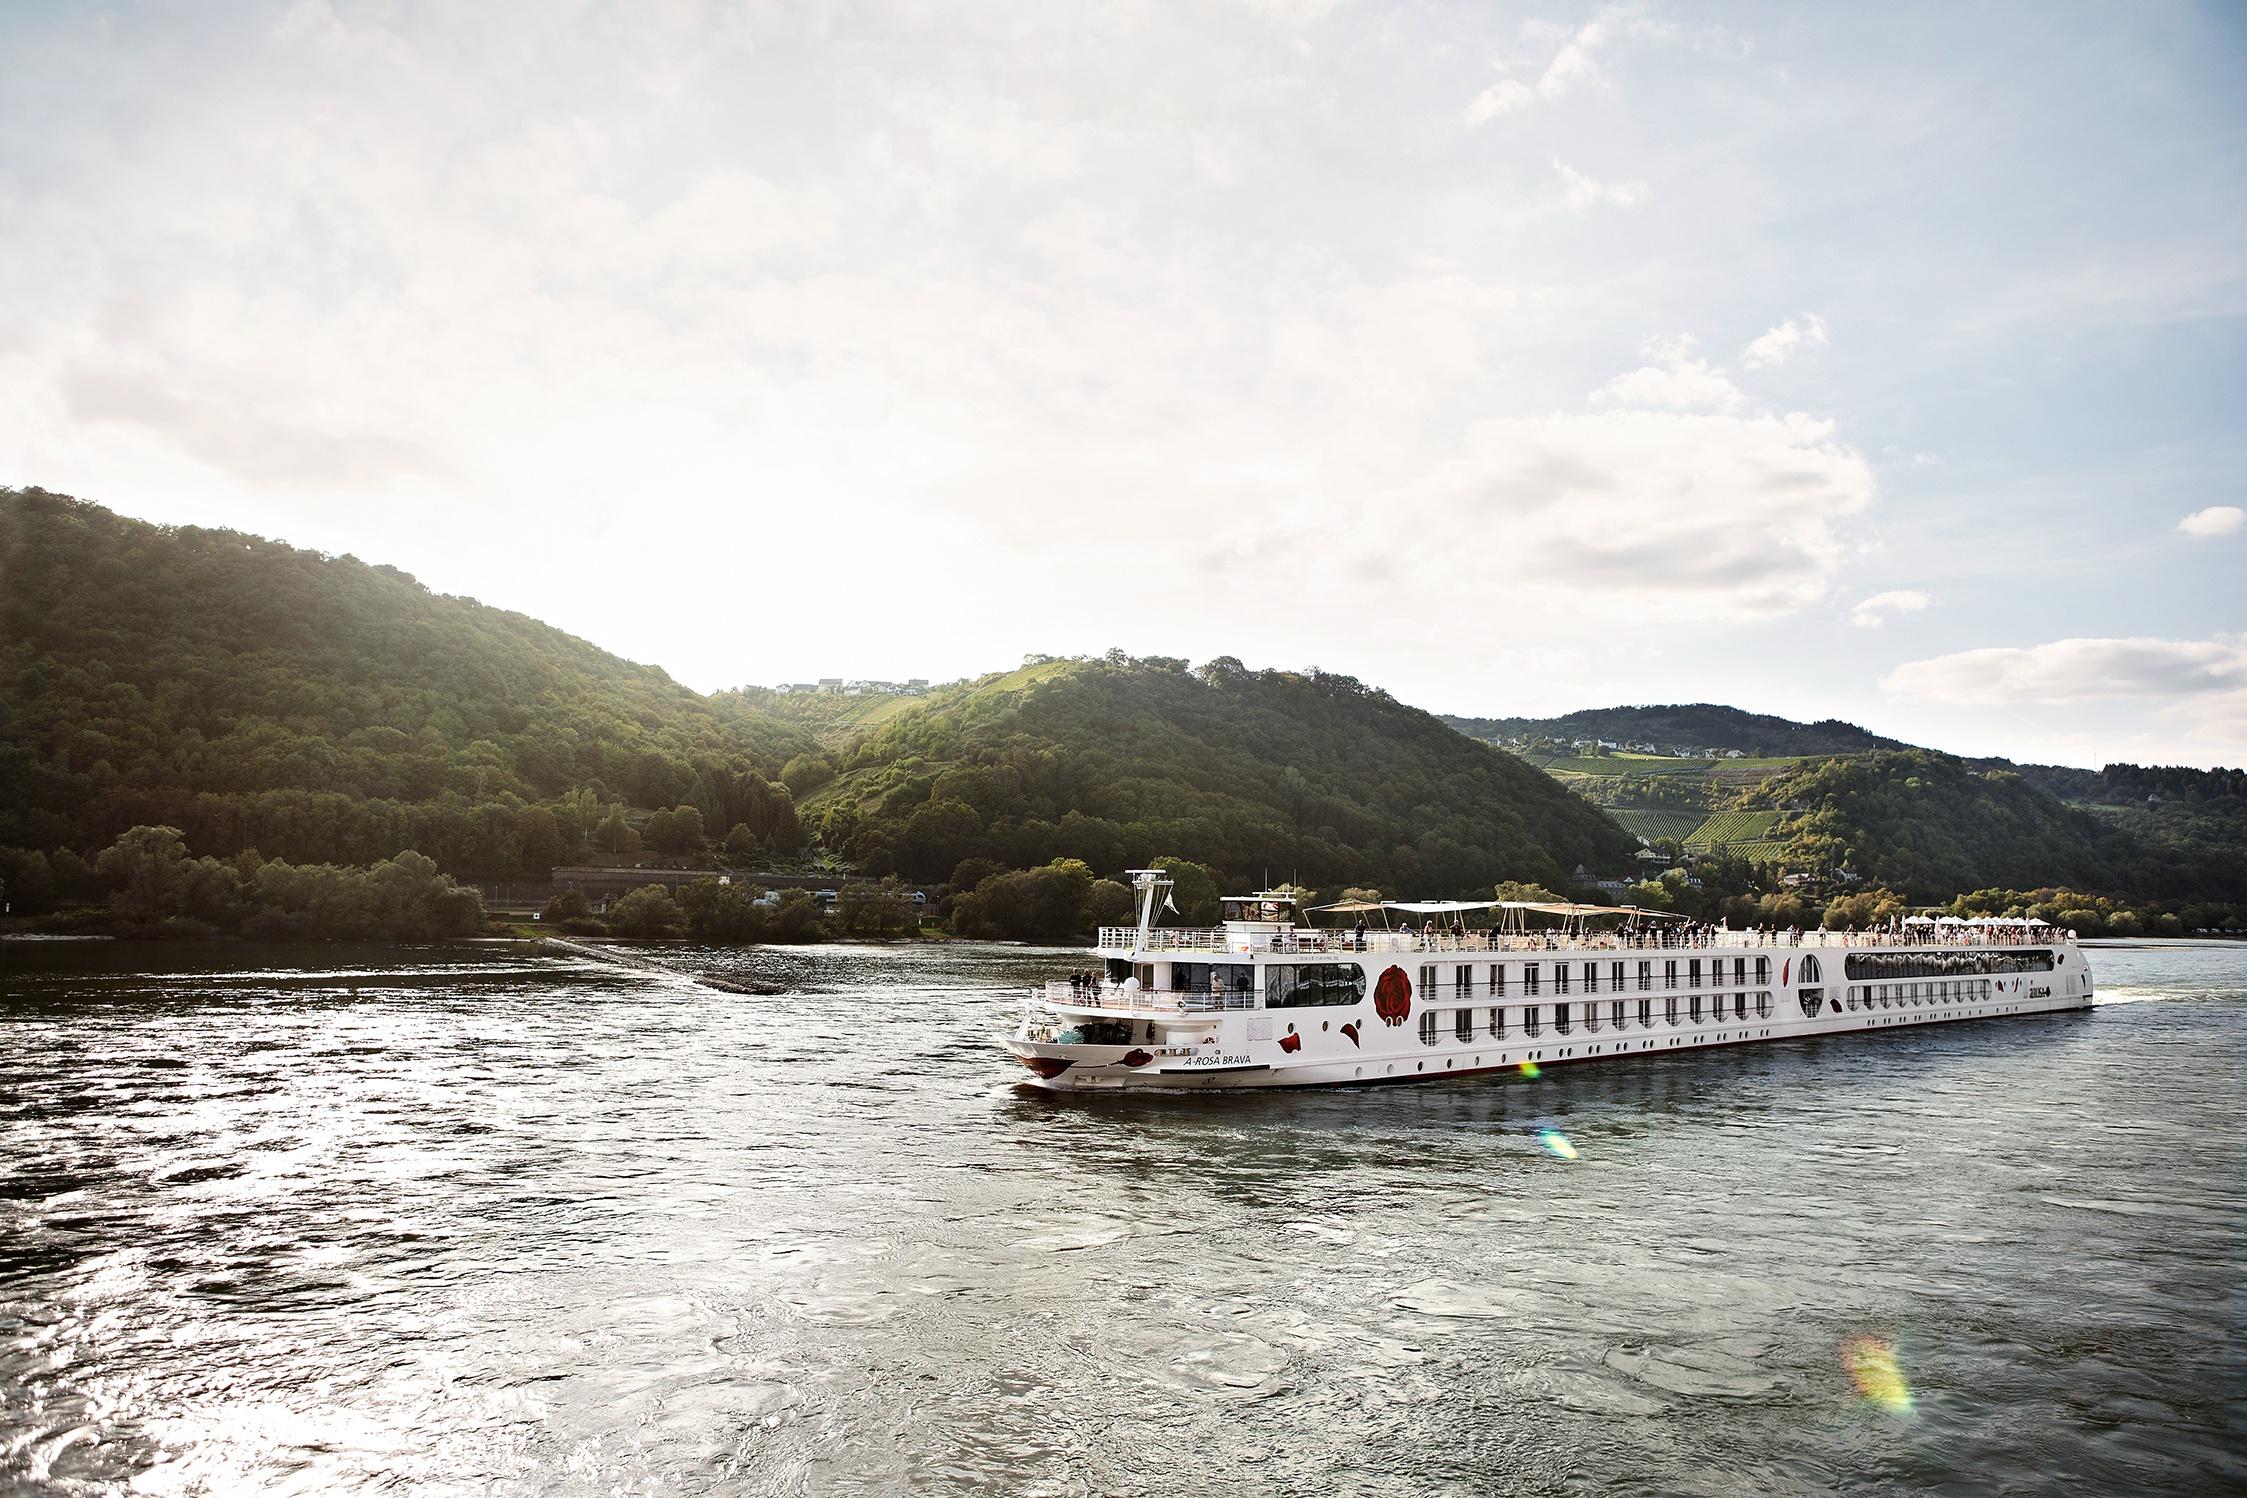 Nach nicko tours will jetzt auch die Arosa Flussschiff GmbH mit Kreuzfahrten beginnen und plant, Reisen auf Rhein und Donau bis Pfingsten zu starten.